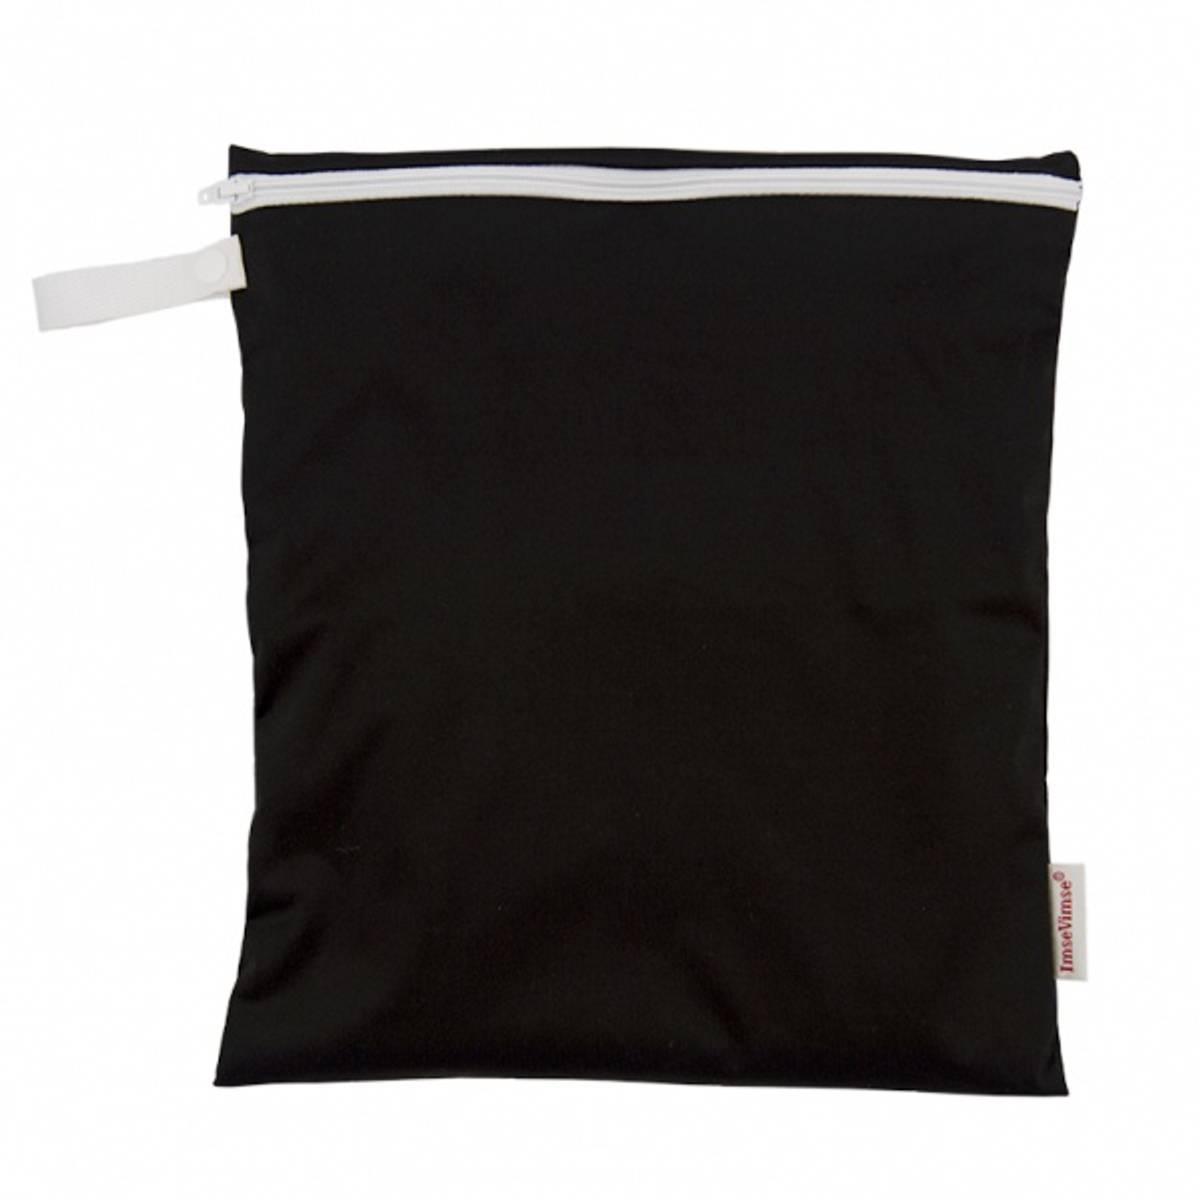 Medium våtpose, sort / Imse Vimse